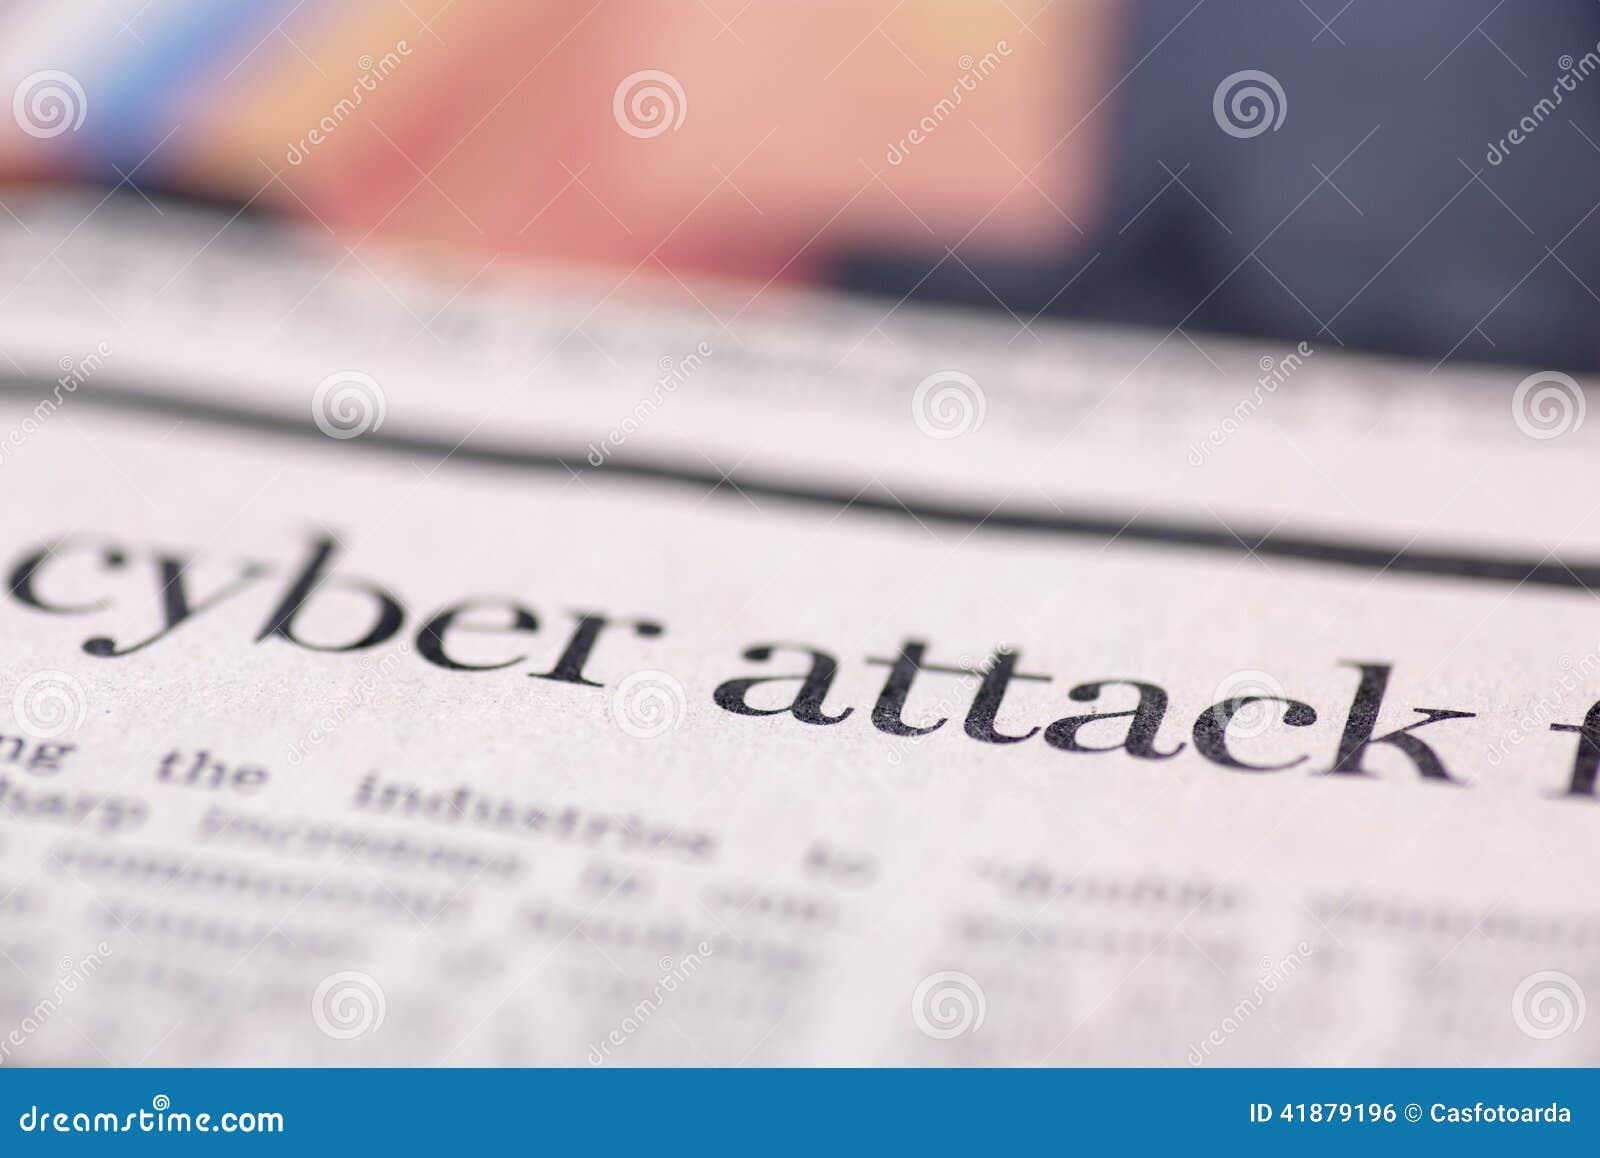 Газета написанная кибер атакой